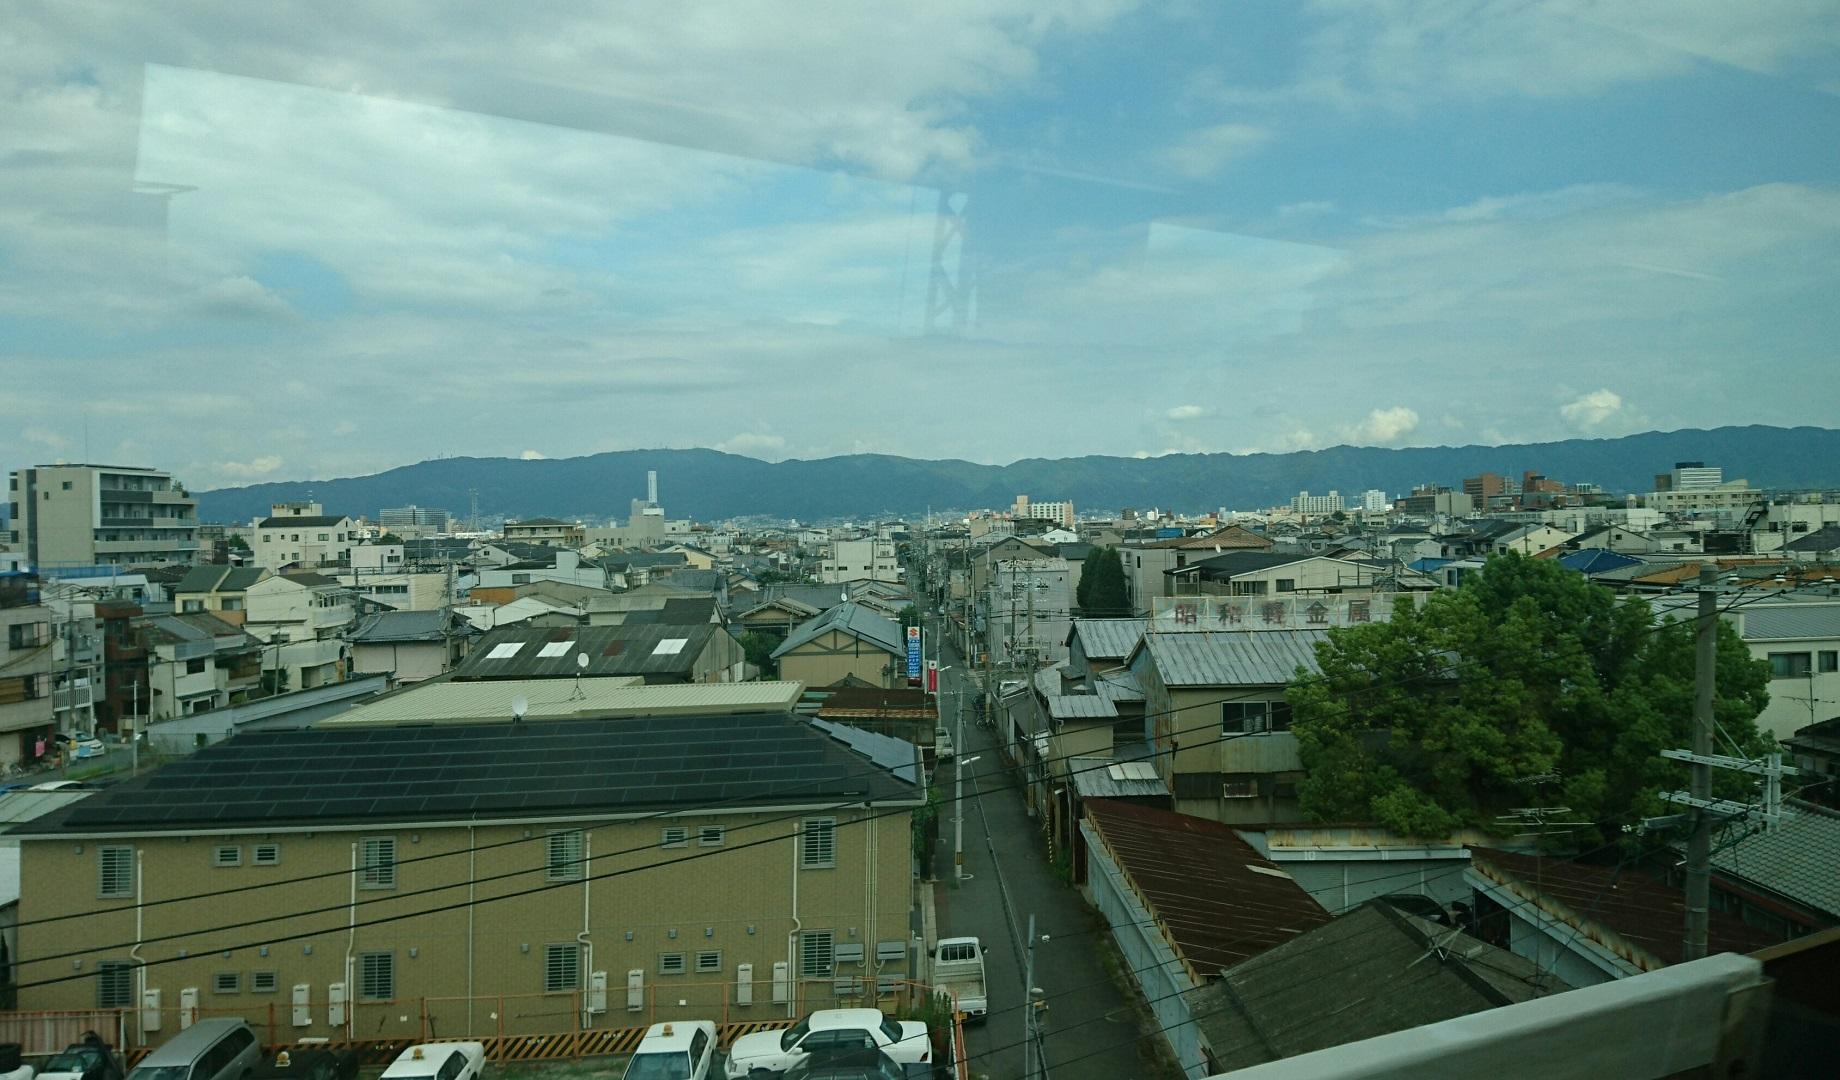 2017.8.18 近鉄 (6) 名古屋いき特急 - 俊徳道のへん 1840-1080